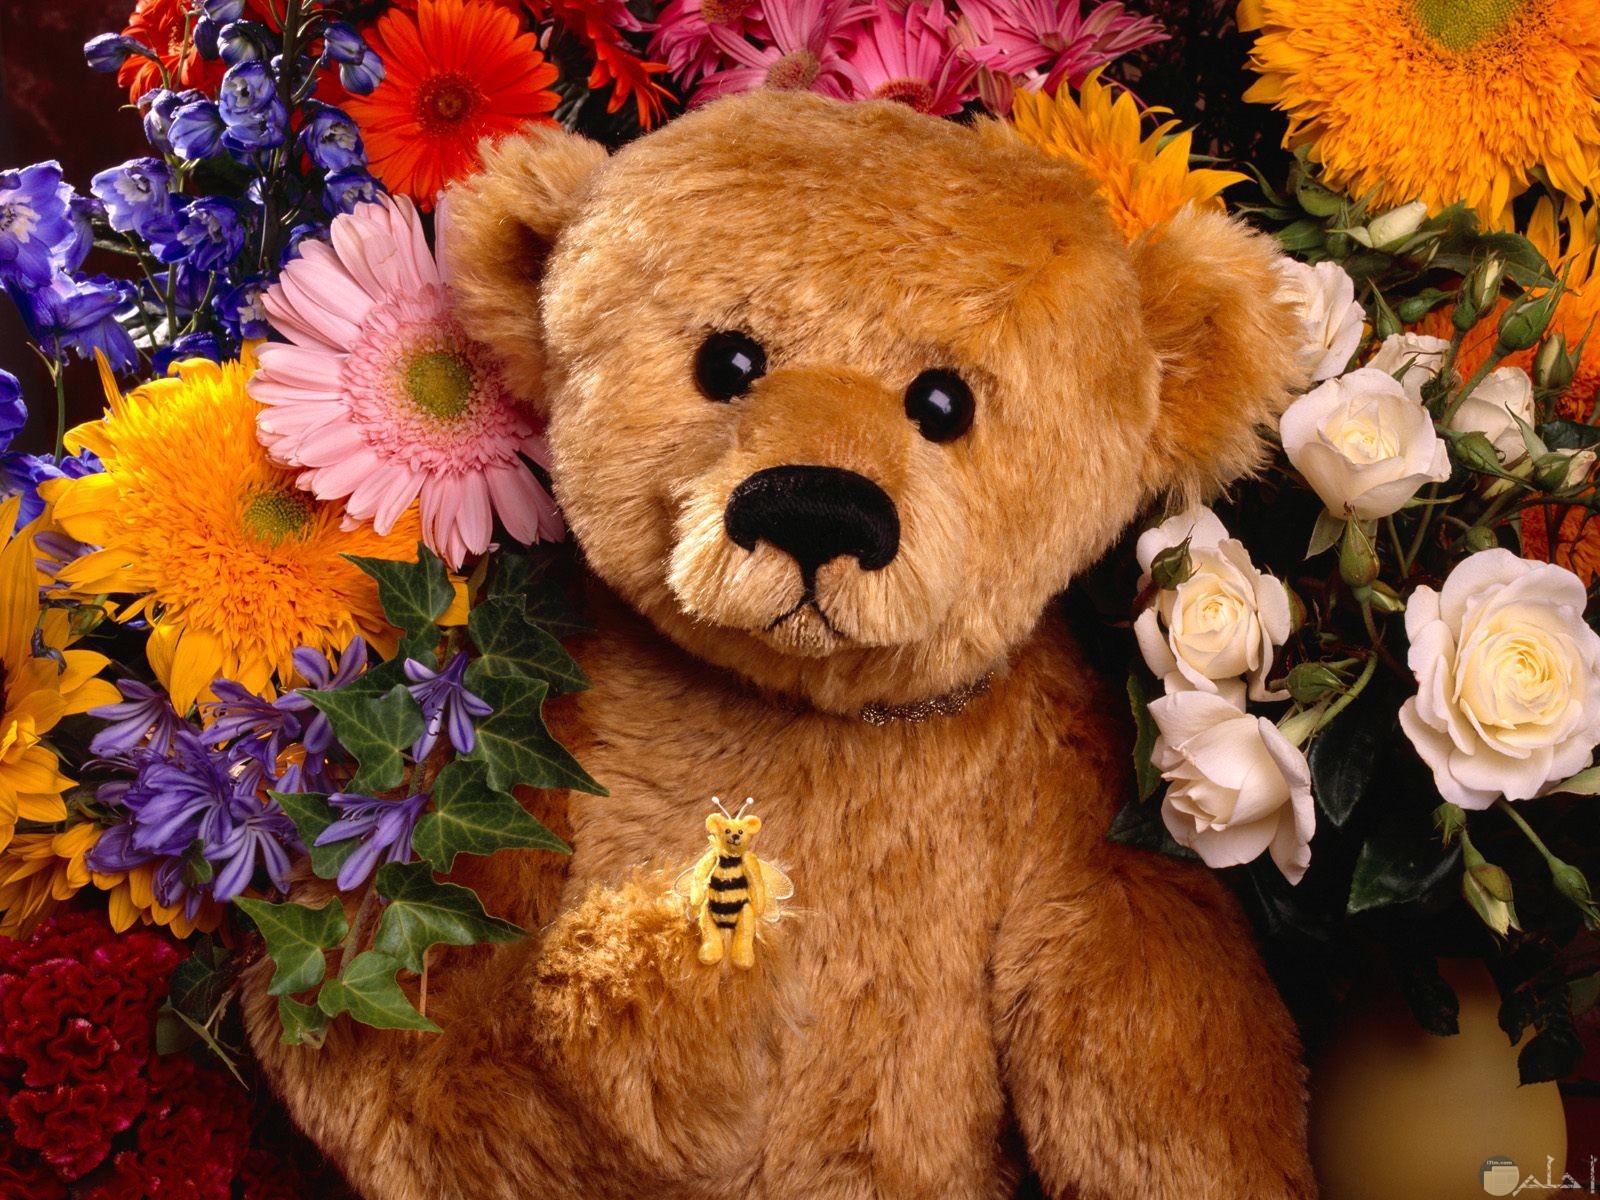 أجمل دبدوب رومانسي مع الزهور